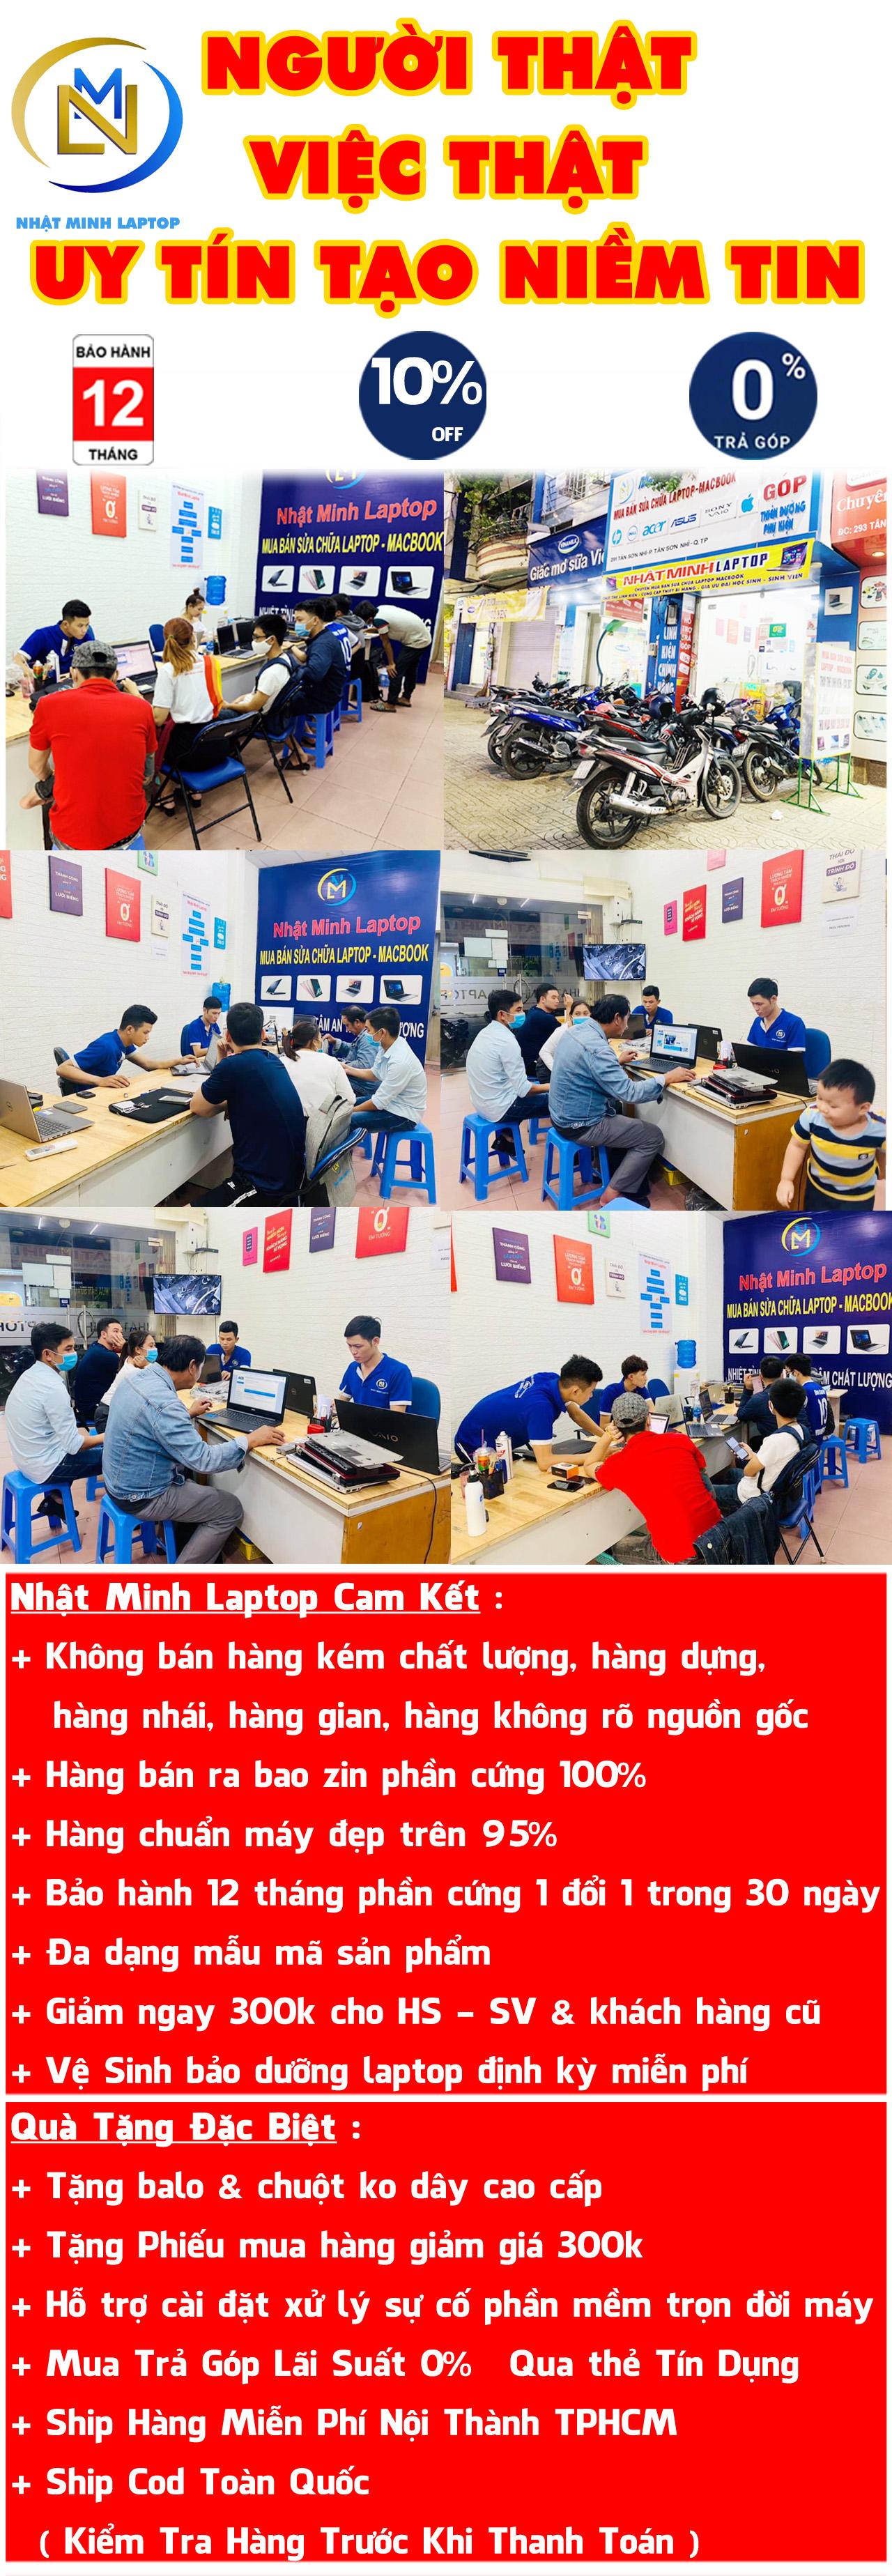 Thương Hiệu Nhật Minh Laptop